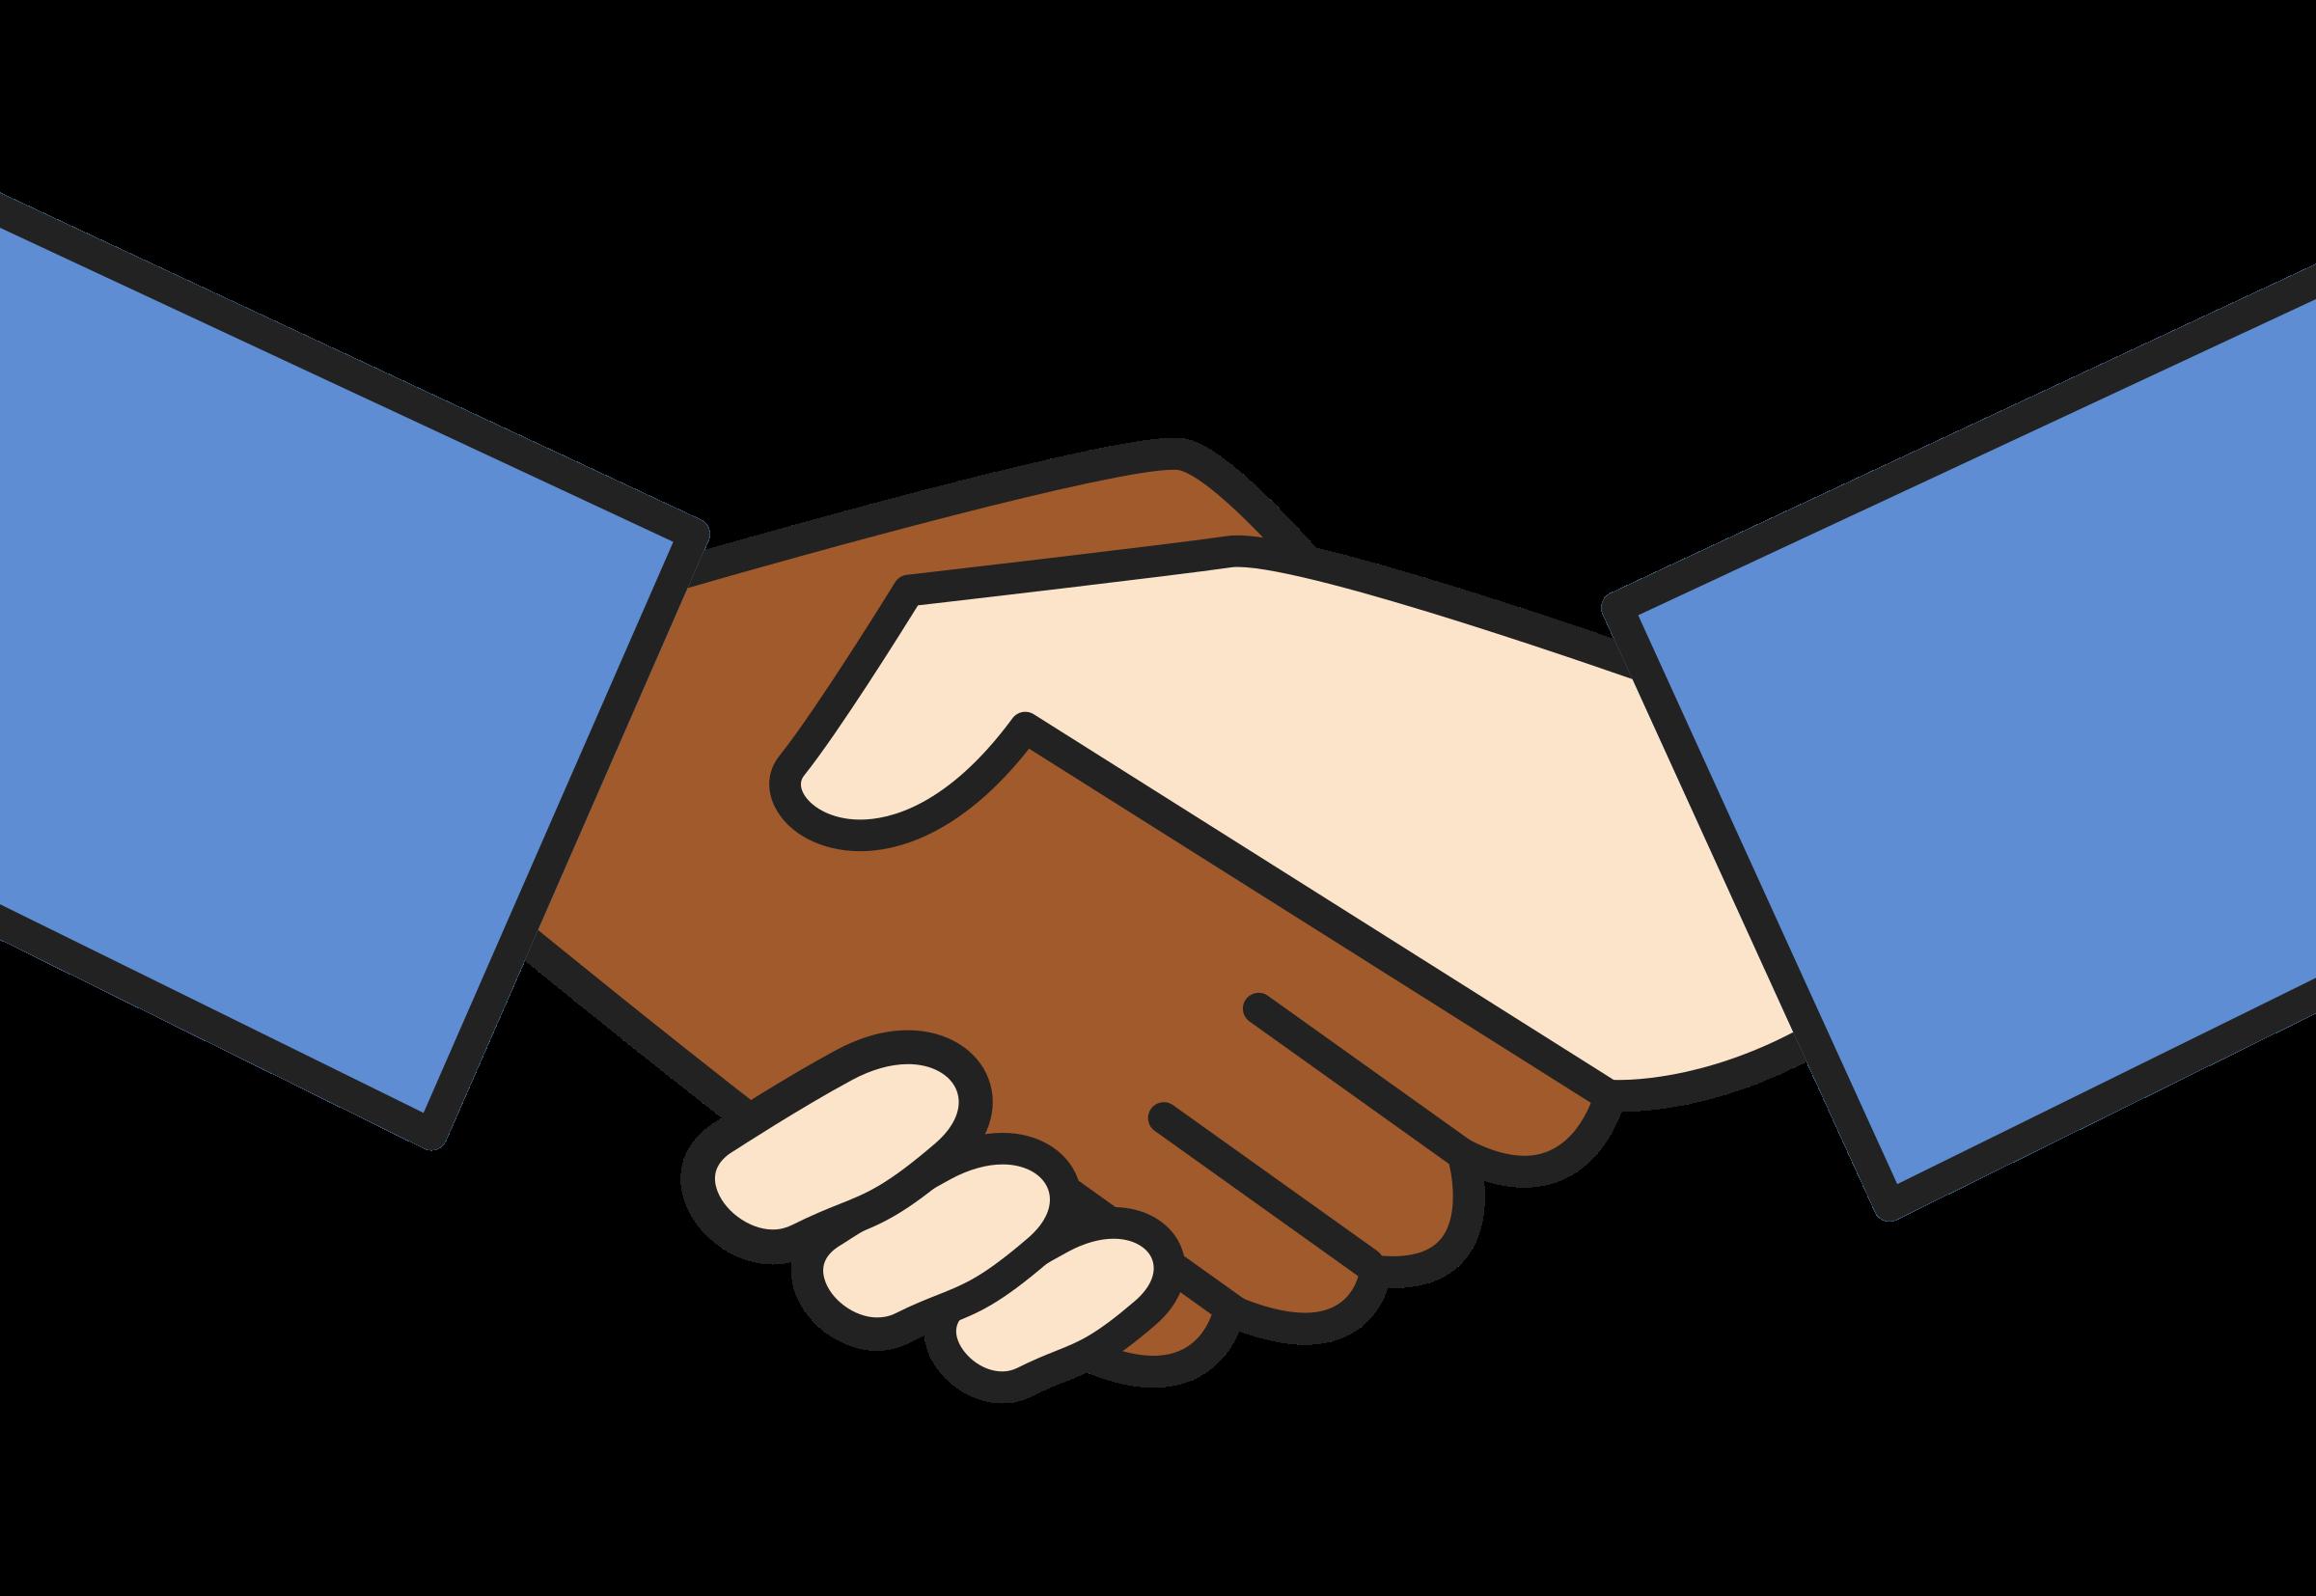 jpg royalty free download Cilpart wondrous ideas worker. Handshake clipart team